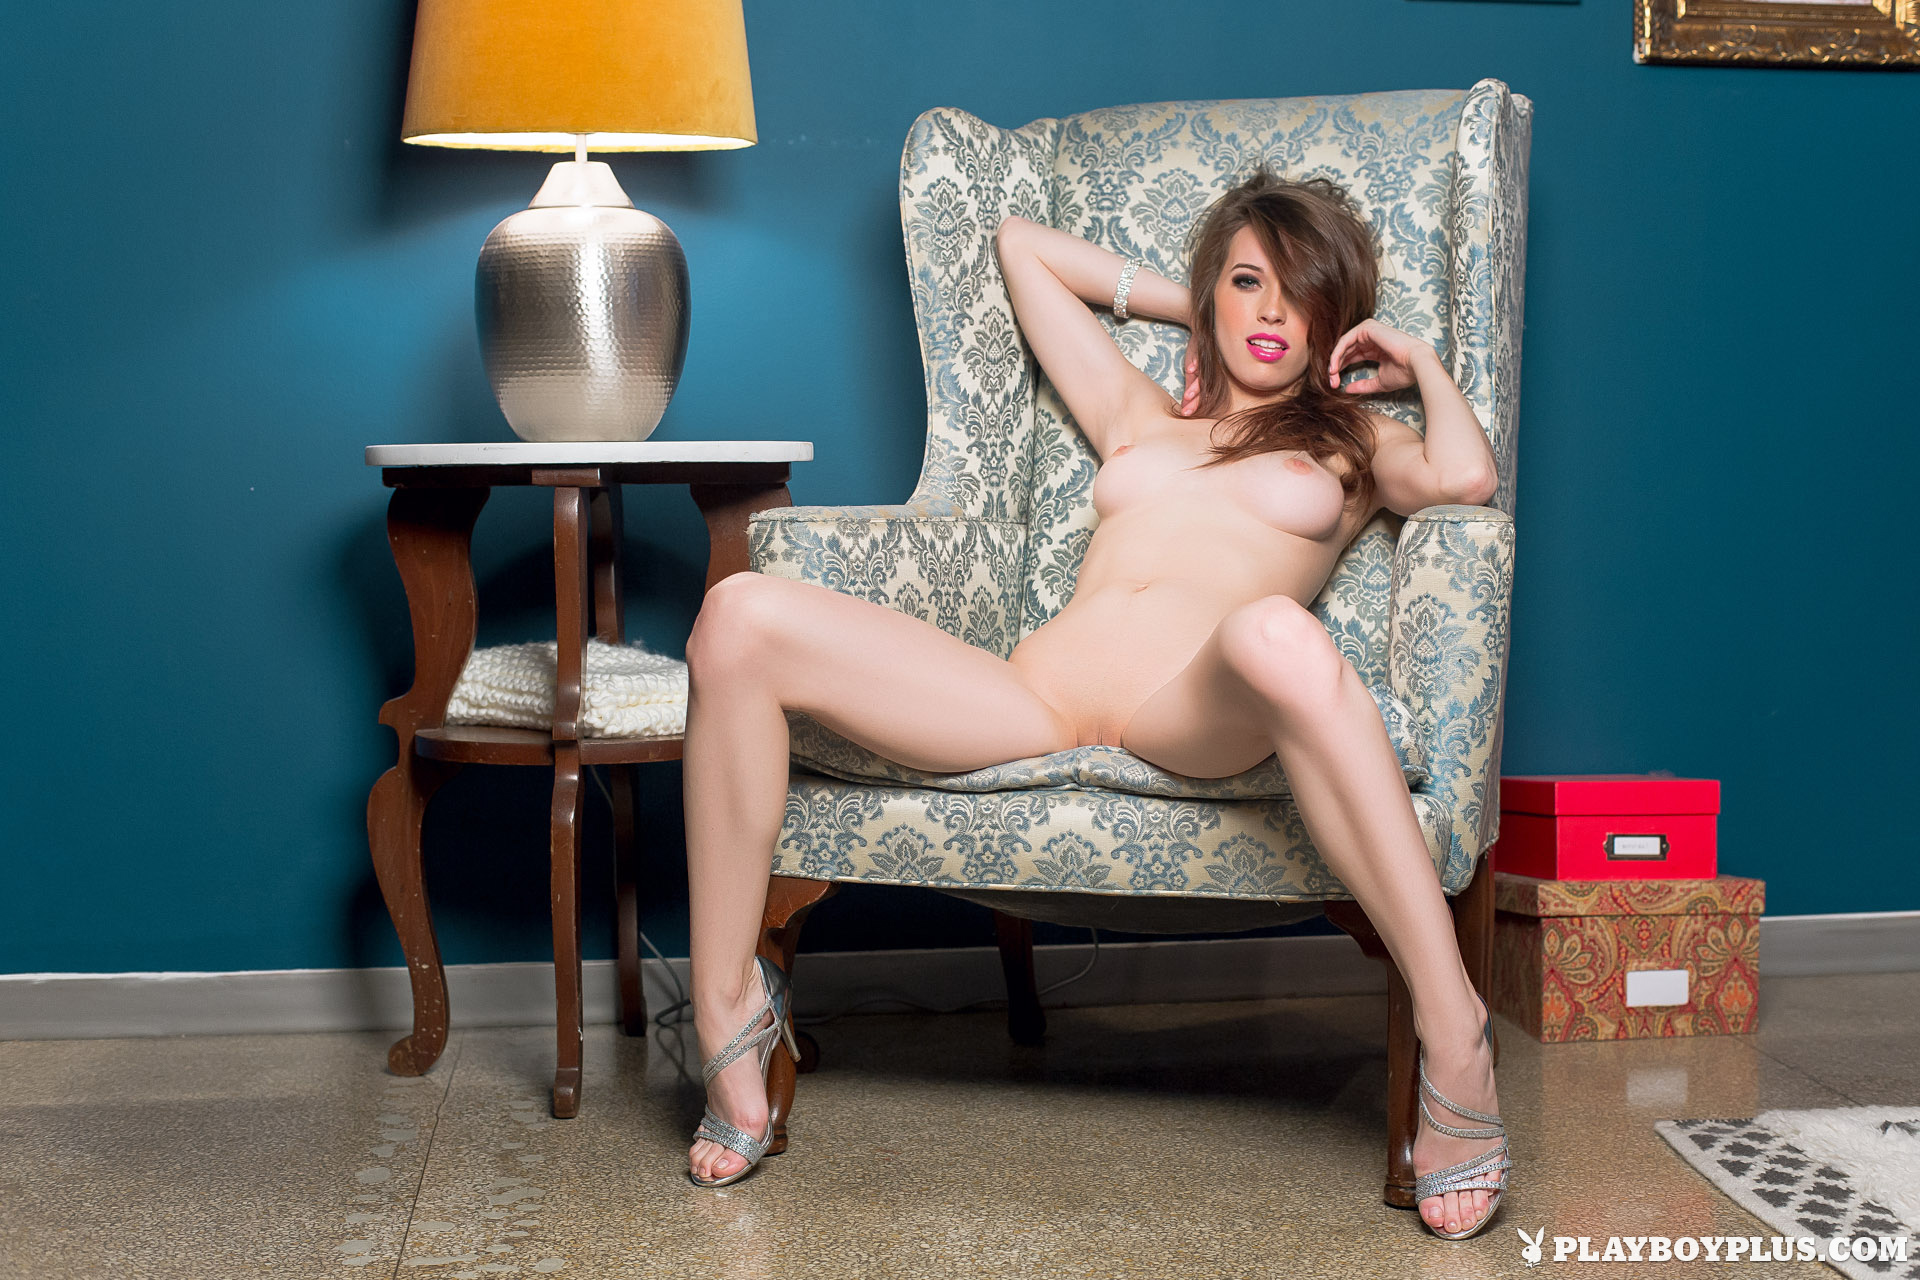 Фото голые с кривыми ногами 17 фотография